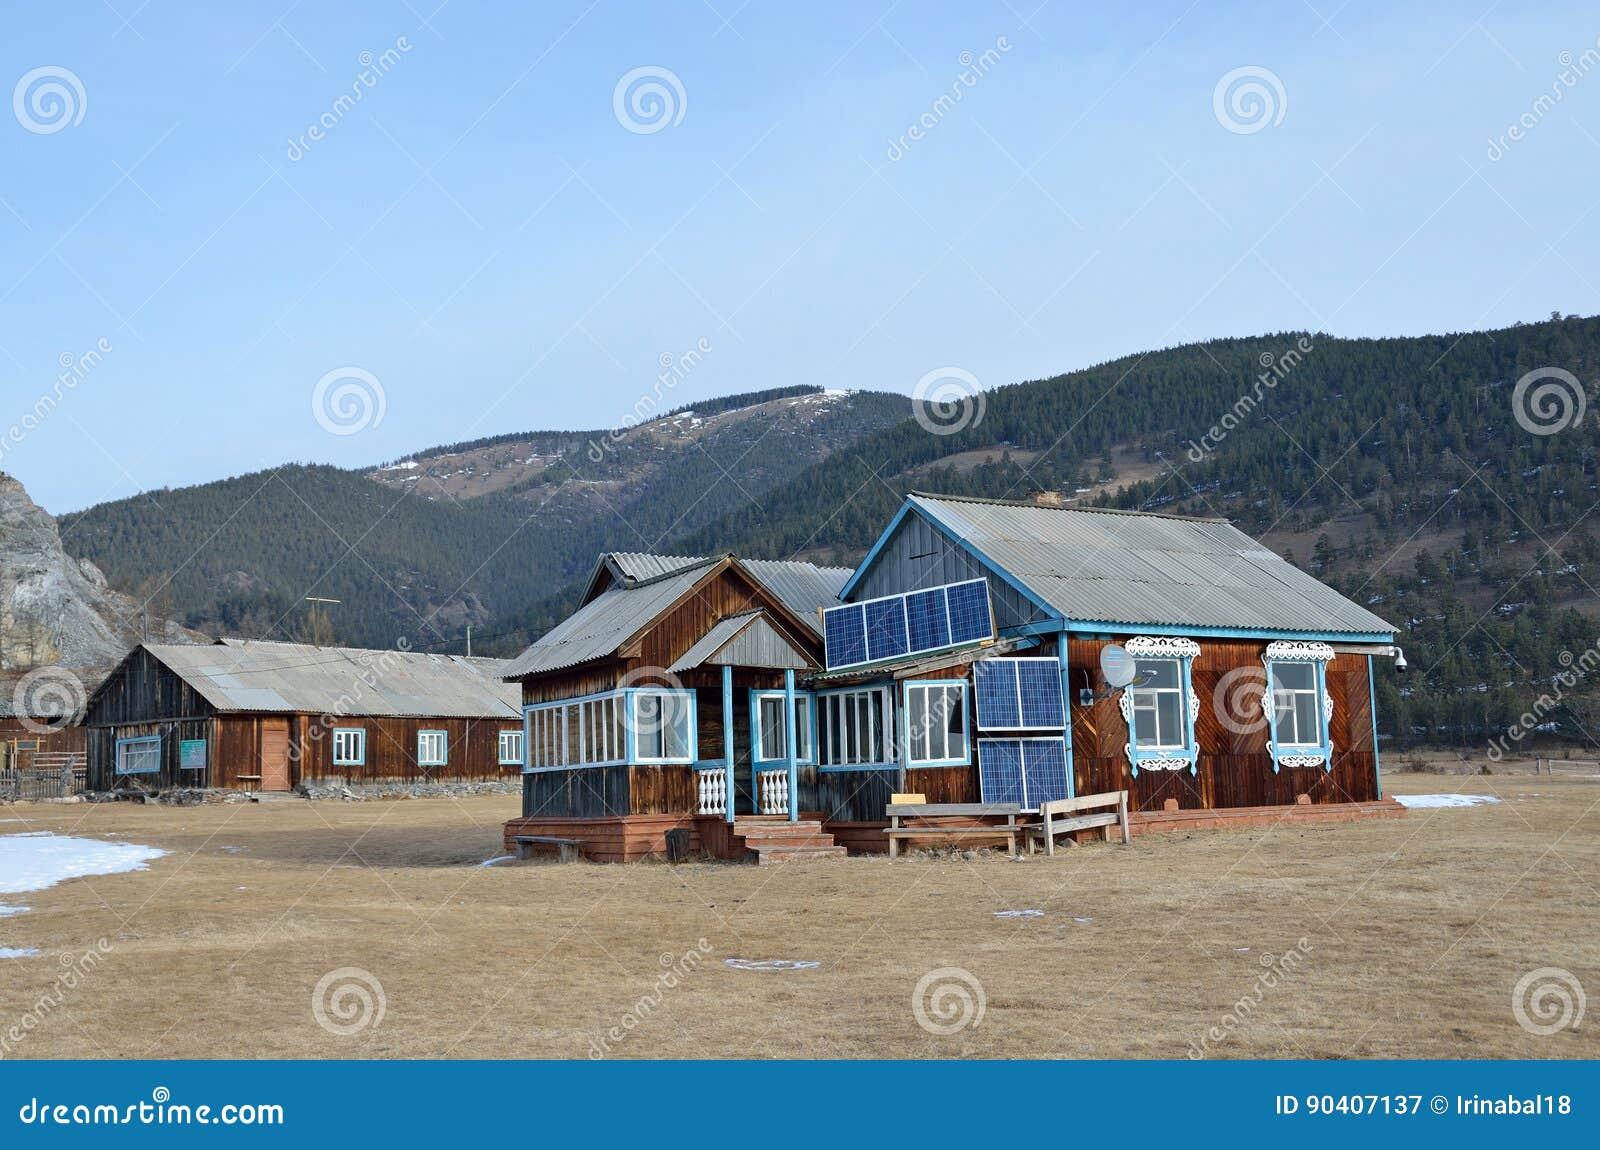 Casa de madera en una mañana del invierno en la orilla del lago Baikal cerca del cabo Bolshoy Kadilniy